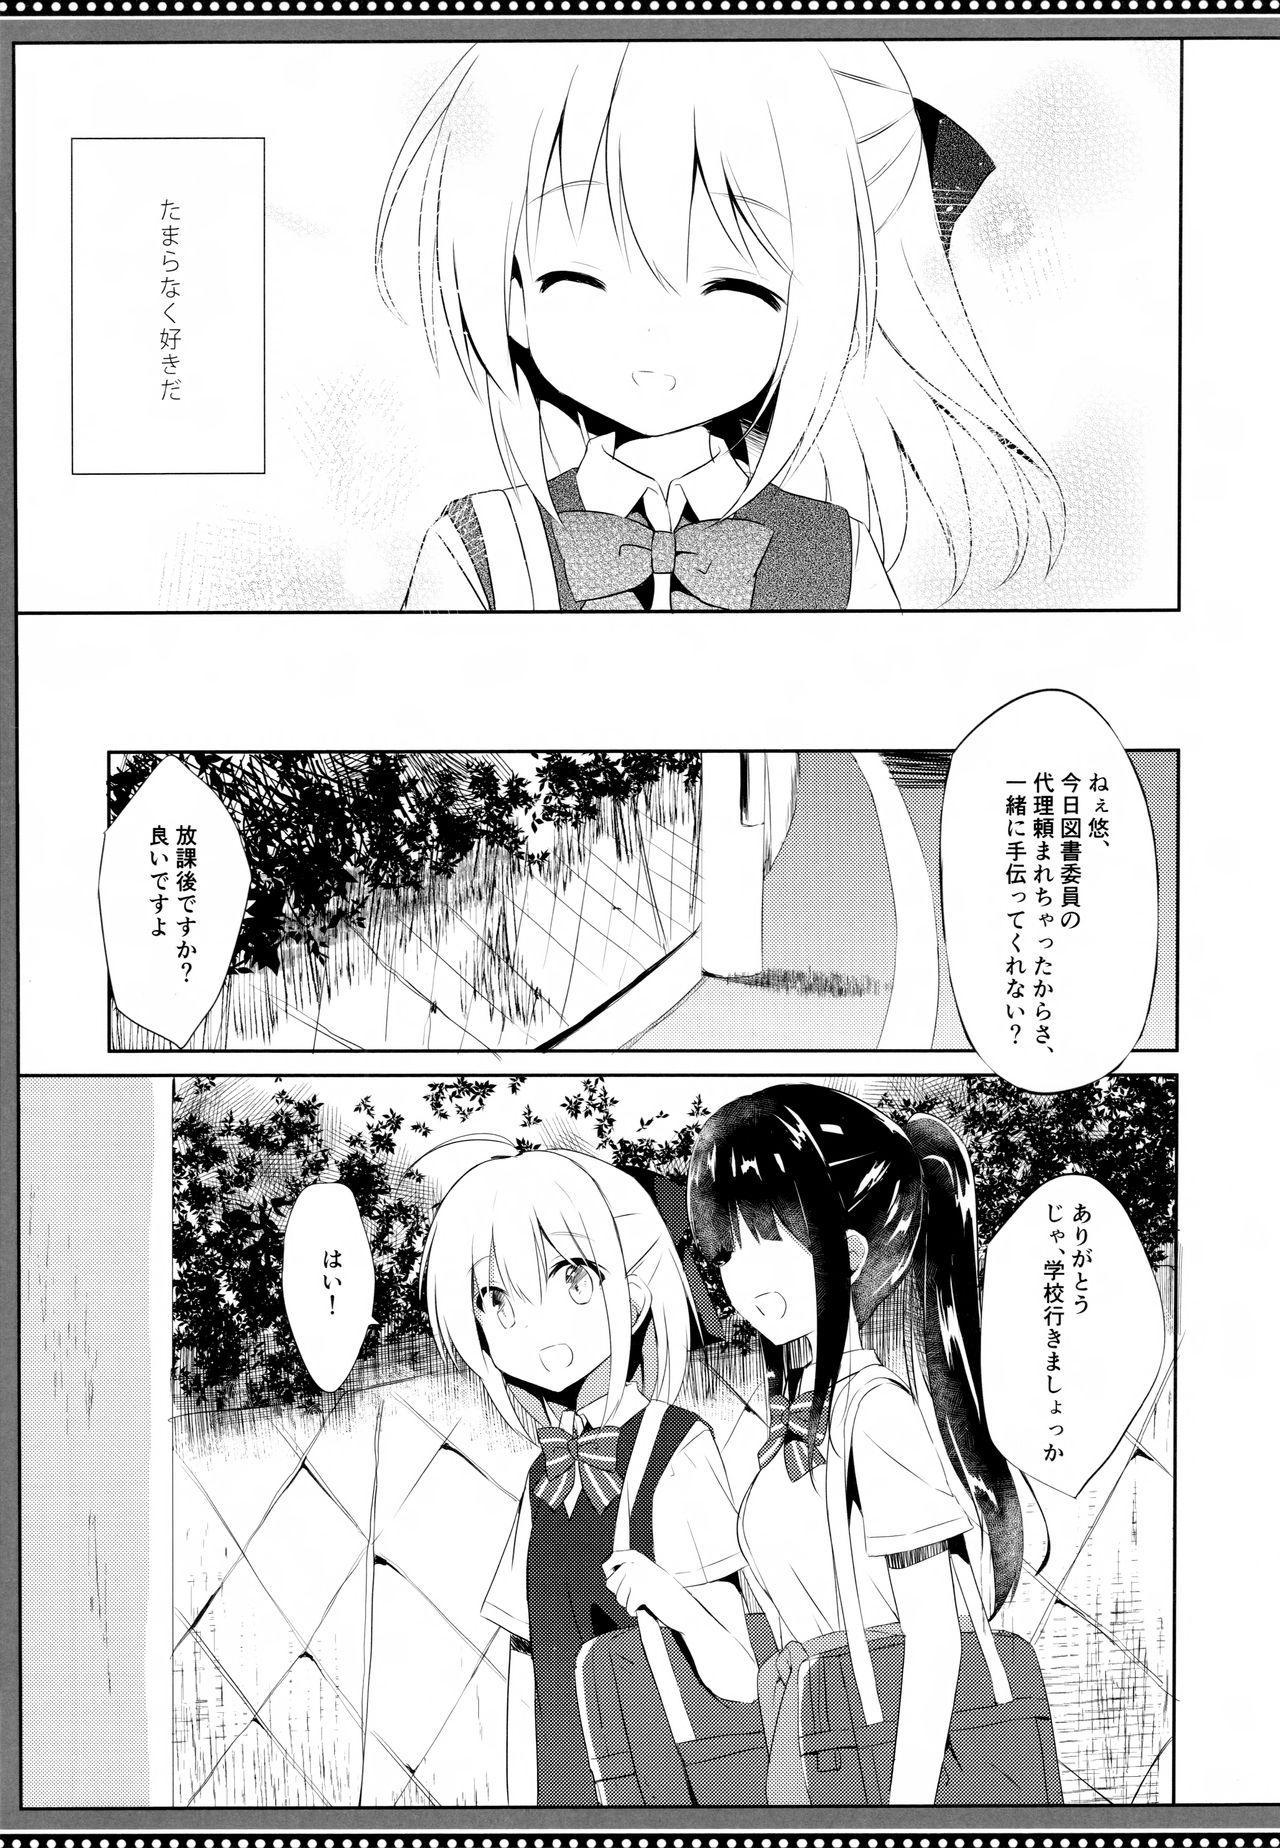 Osananajimi to Otokonoko no Himitsu no Shujuu Kankei 5